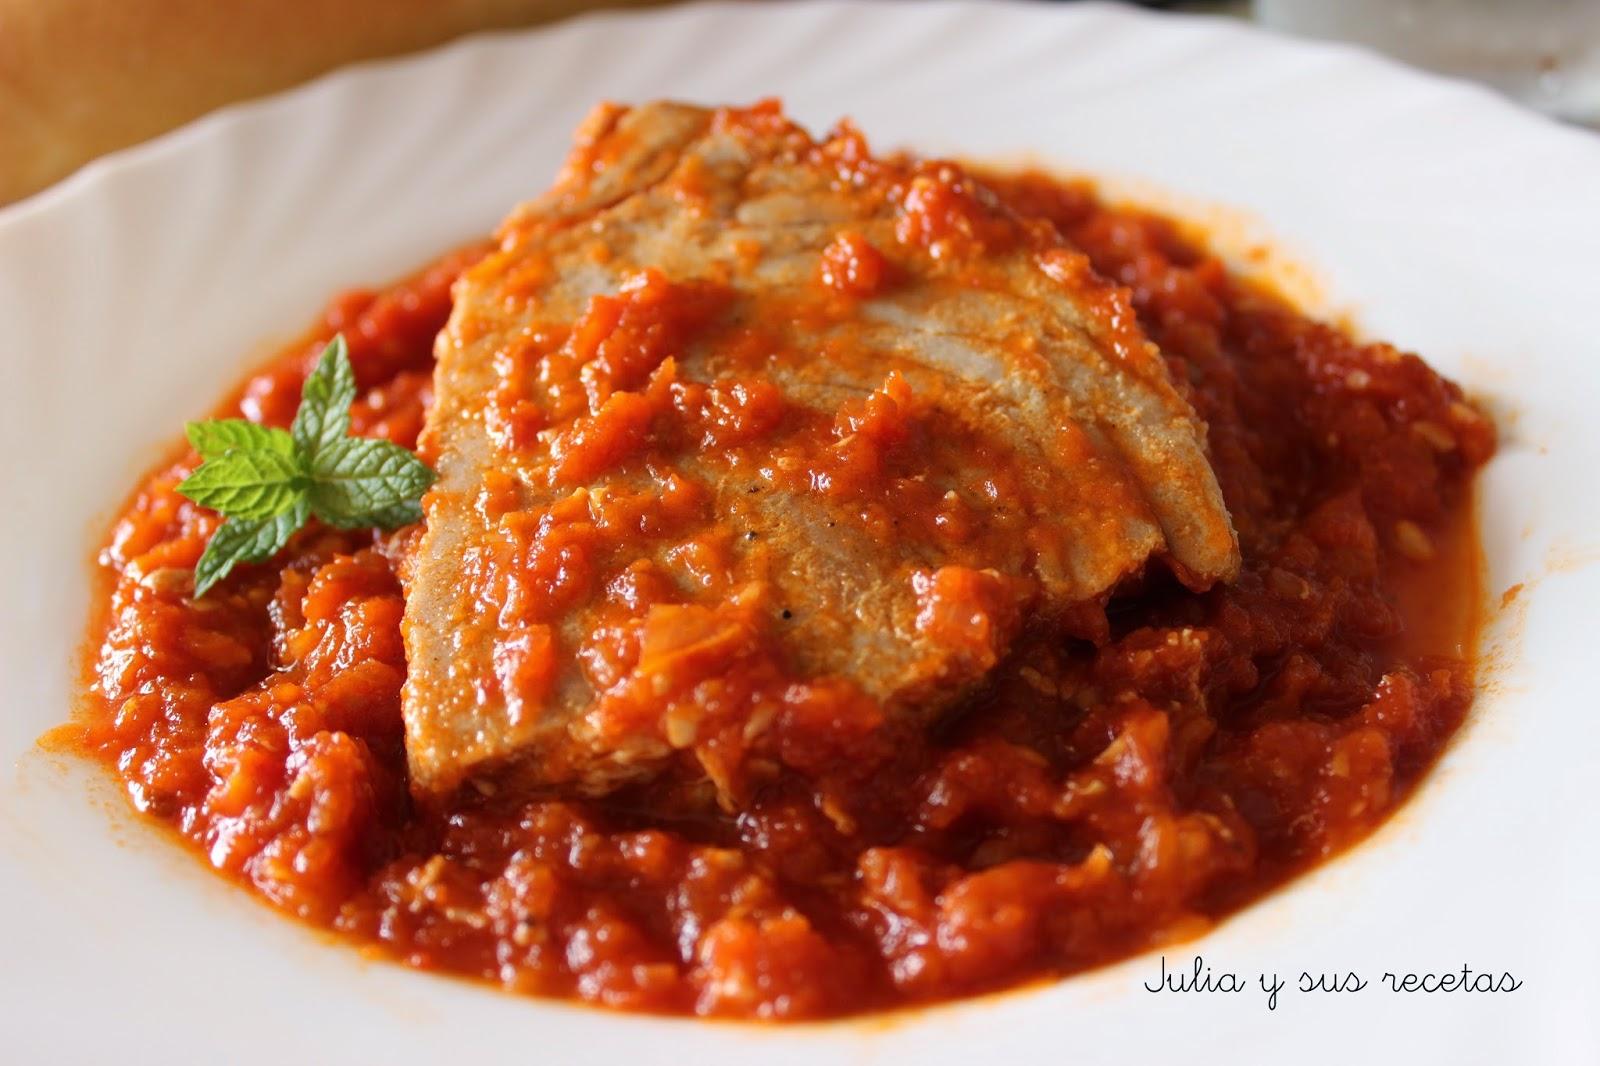 Atún con tomate. Julia y sus recetas